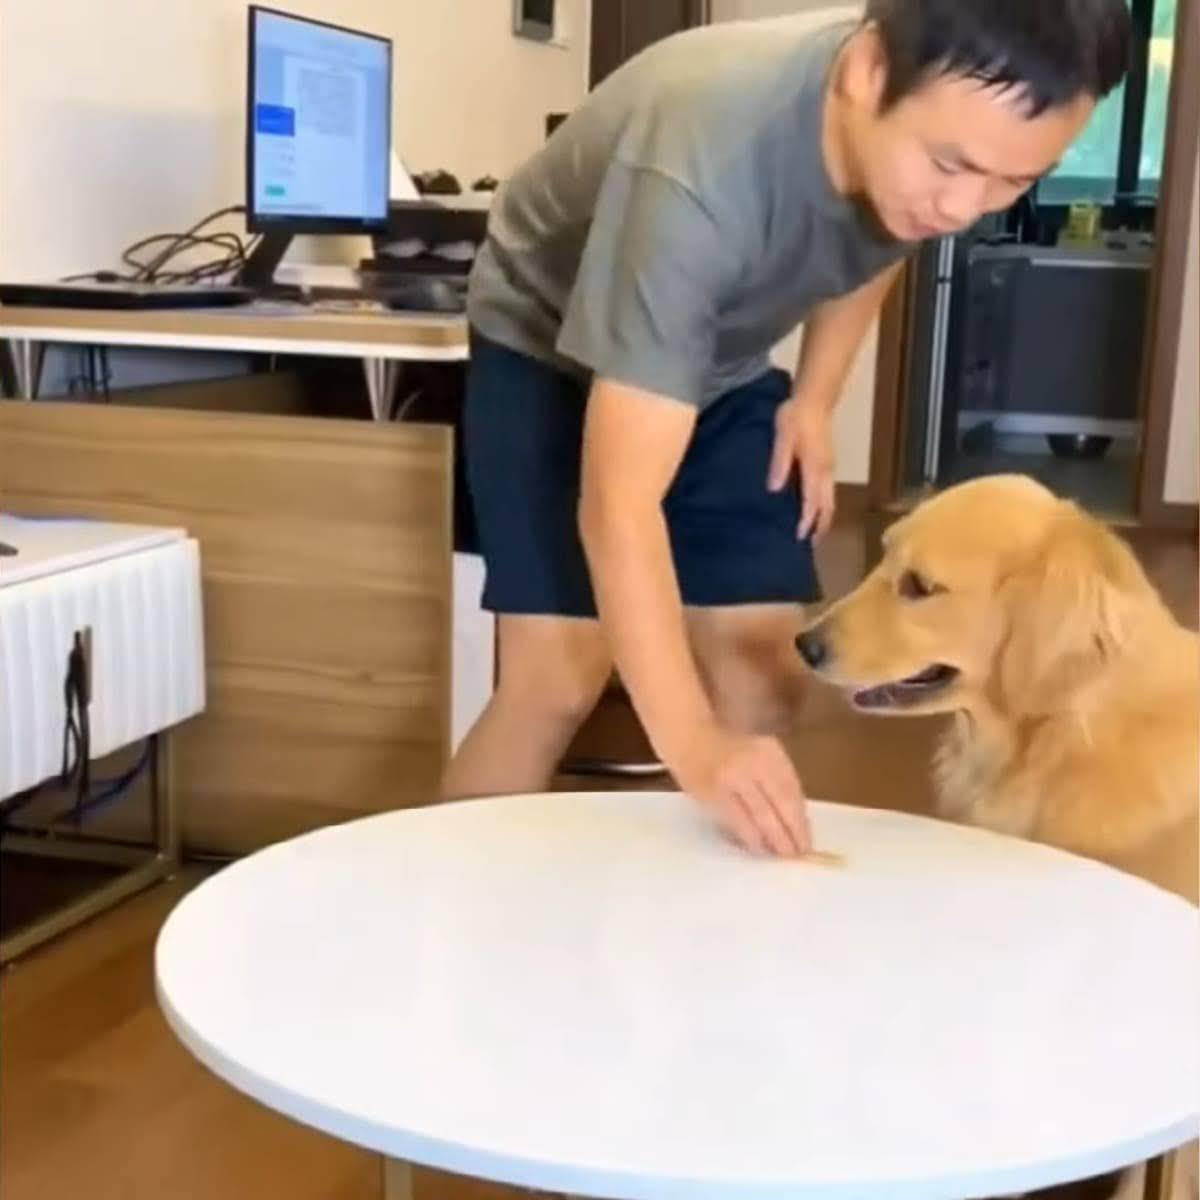 Best Pets of The Month: 2020年11月に癒やされた微笑ましい動物ビデオの総集編